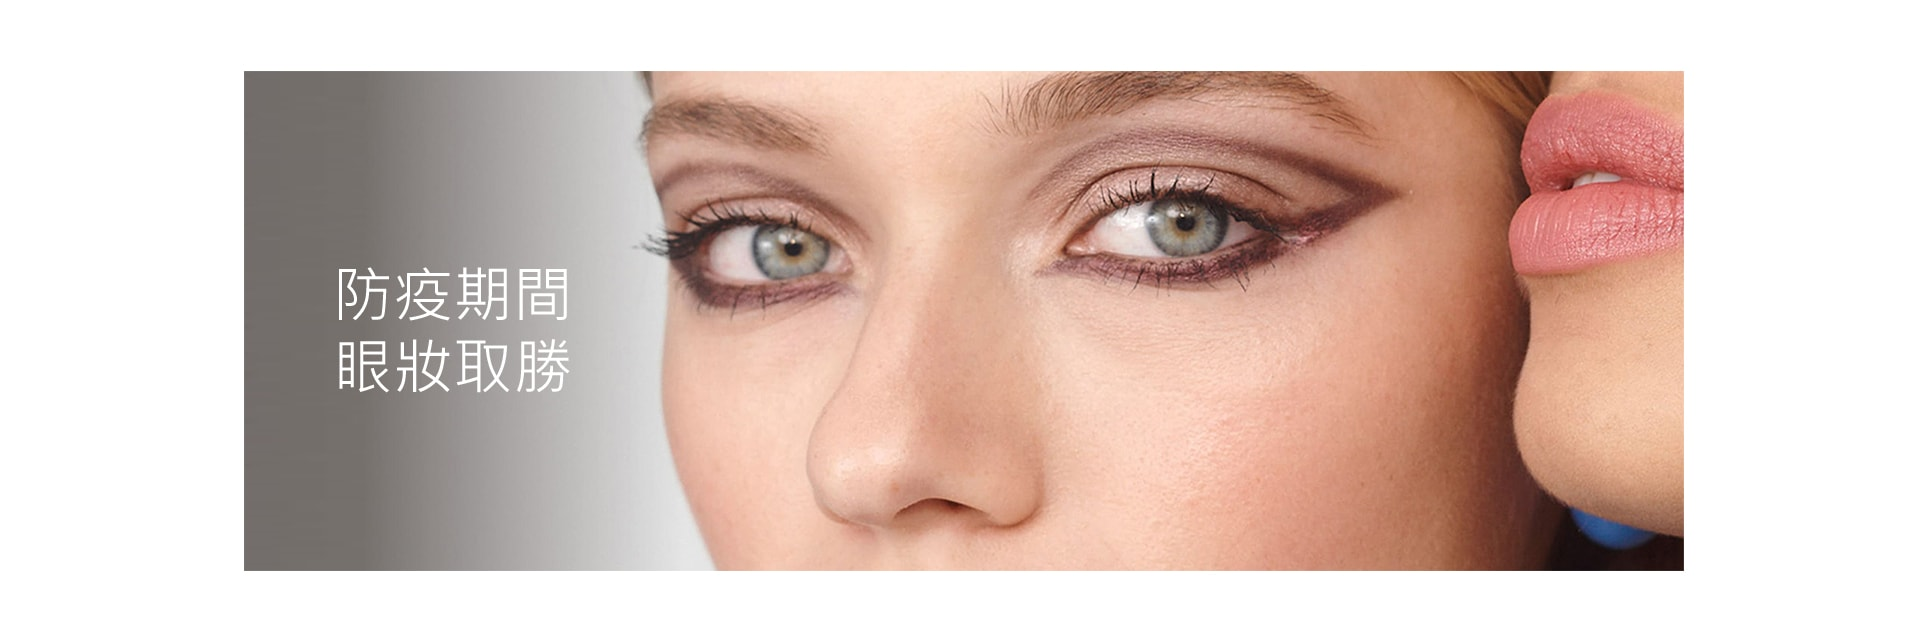 防疫期間眼妝取勝